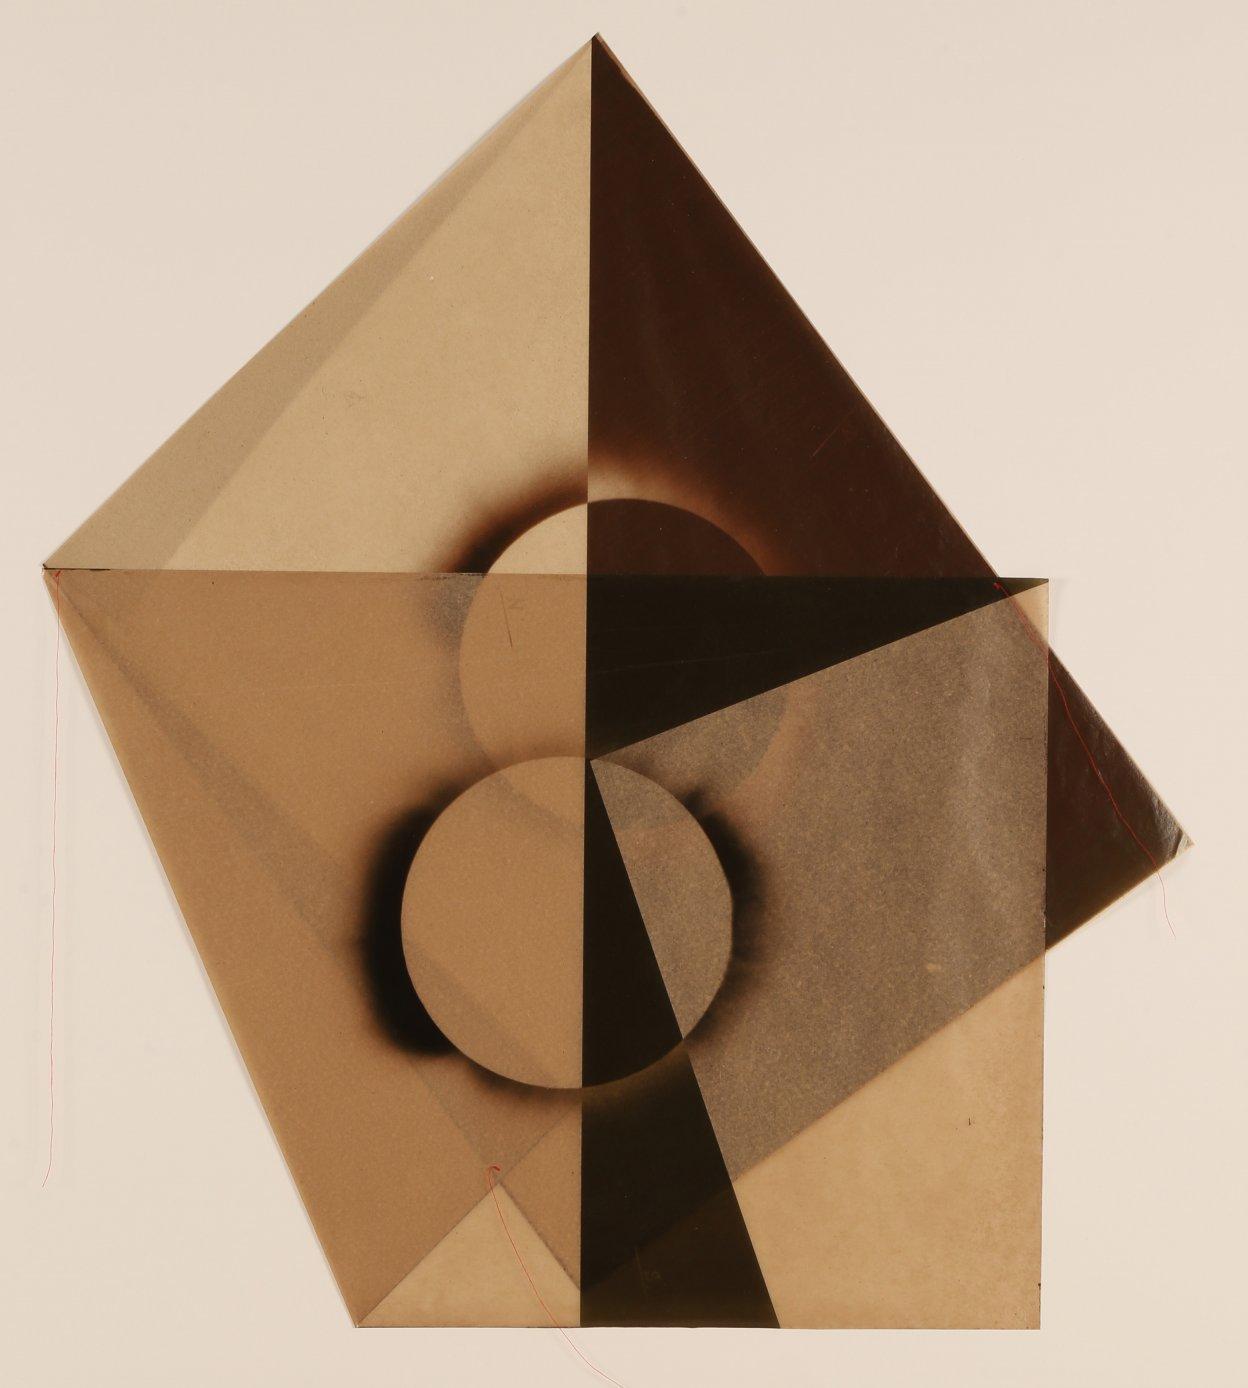 El Sol 5 (2016) - Luis Gonzalez Palma